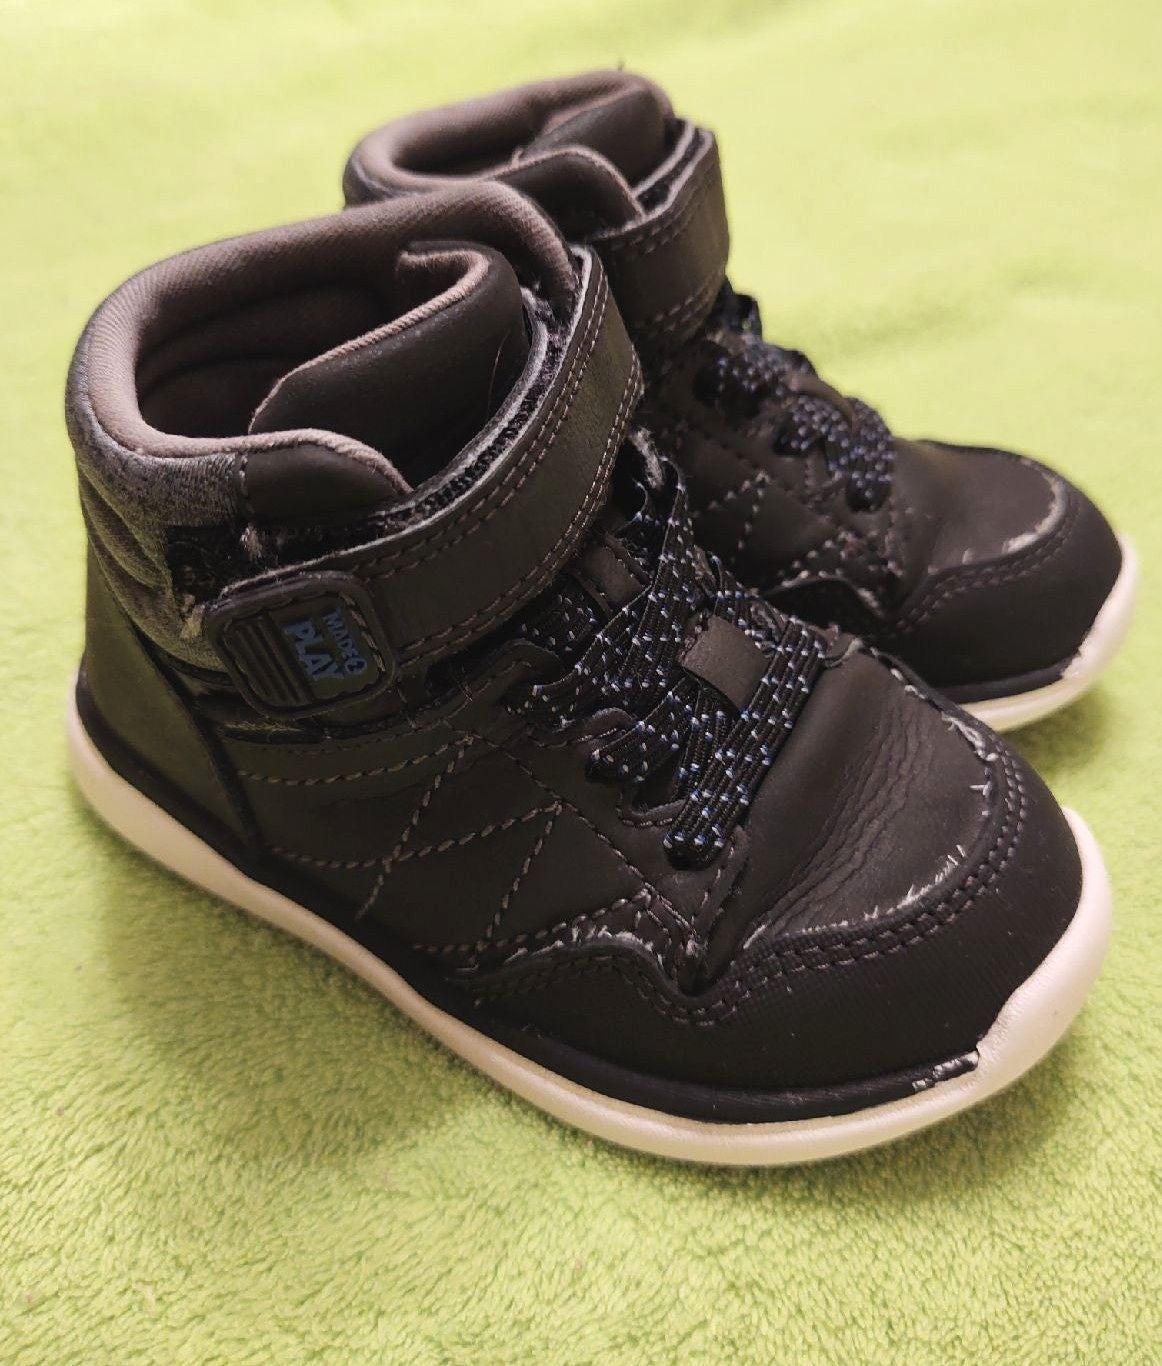 Stride rite shoes boy 6.5W